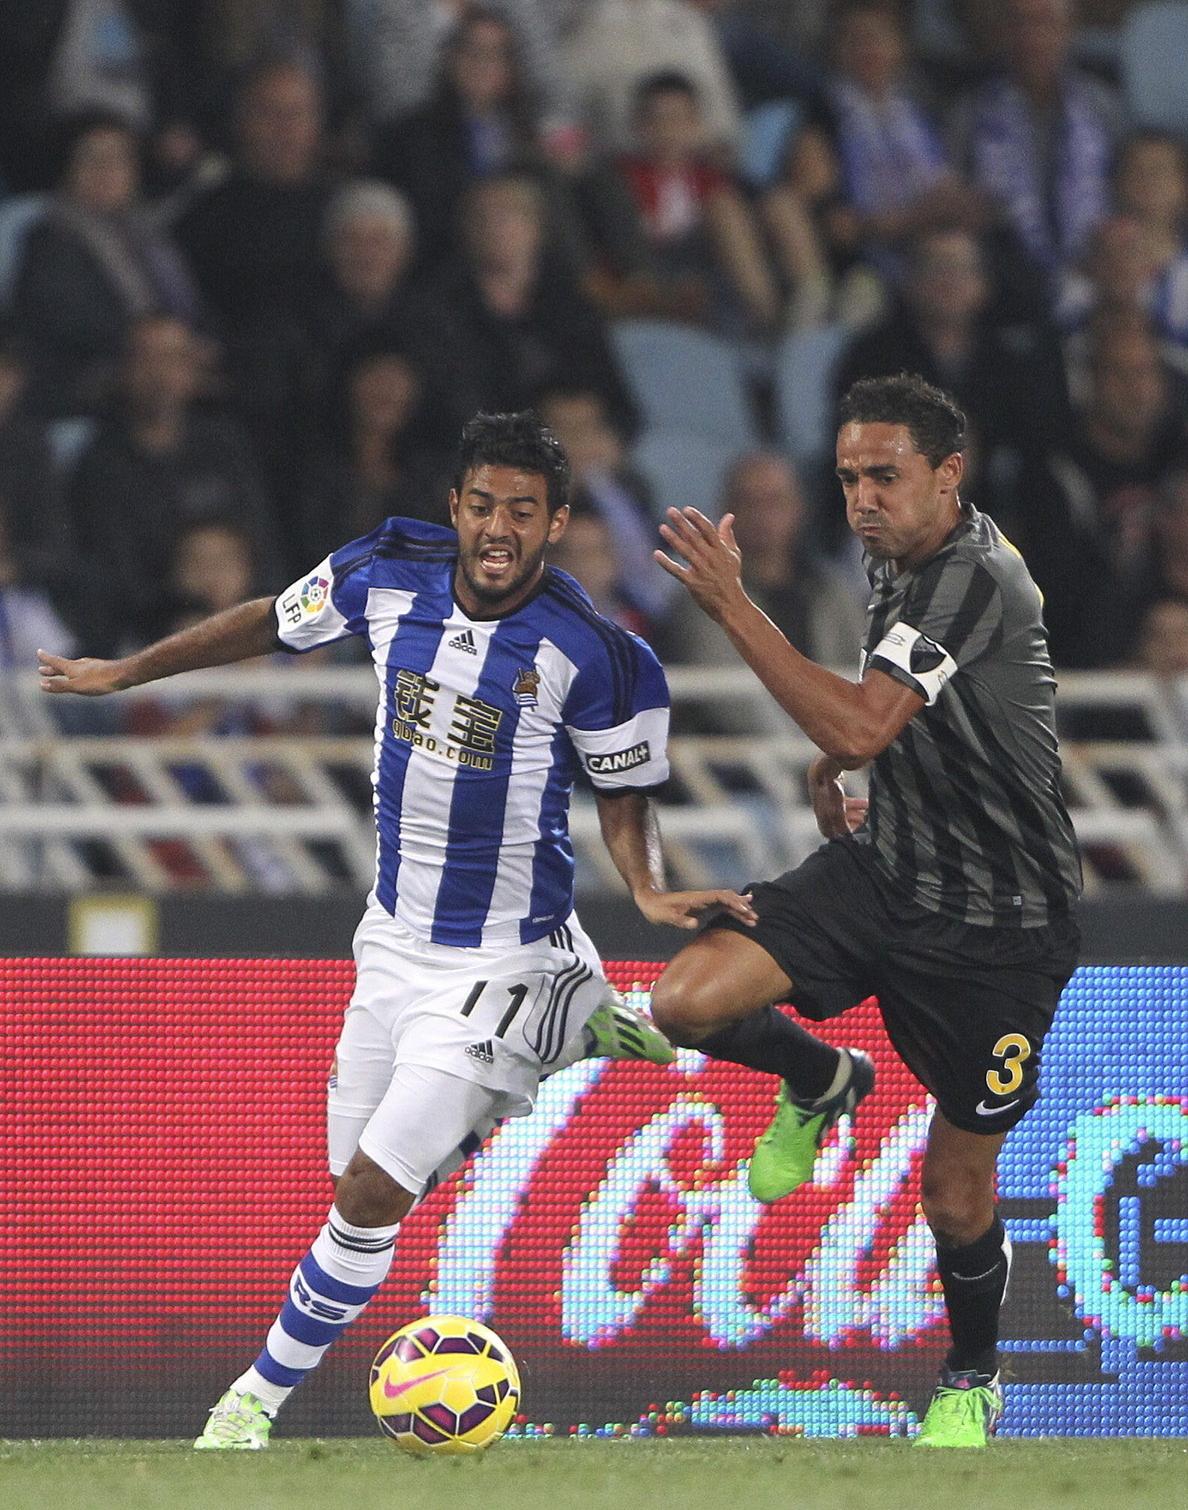 El Málaga deja a Arrasate en el alambre ganando en Anoeta